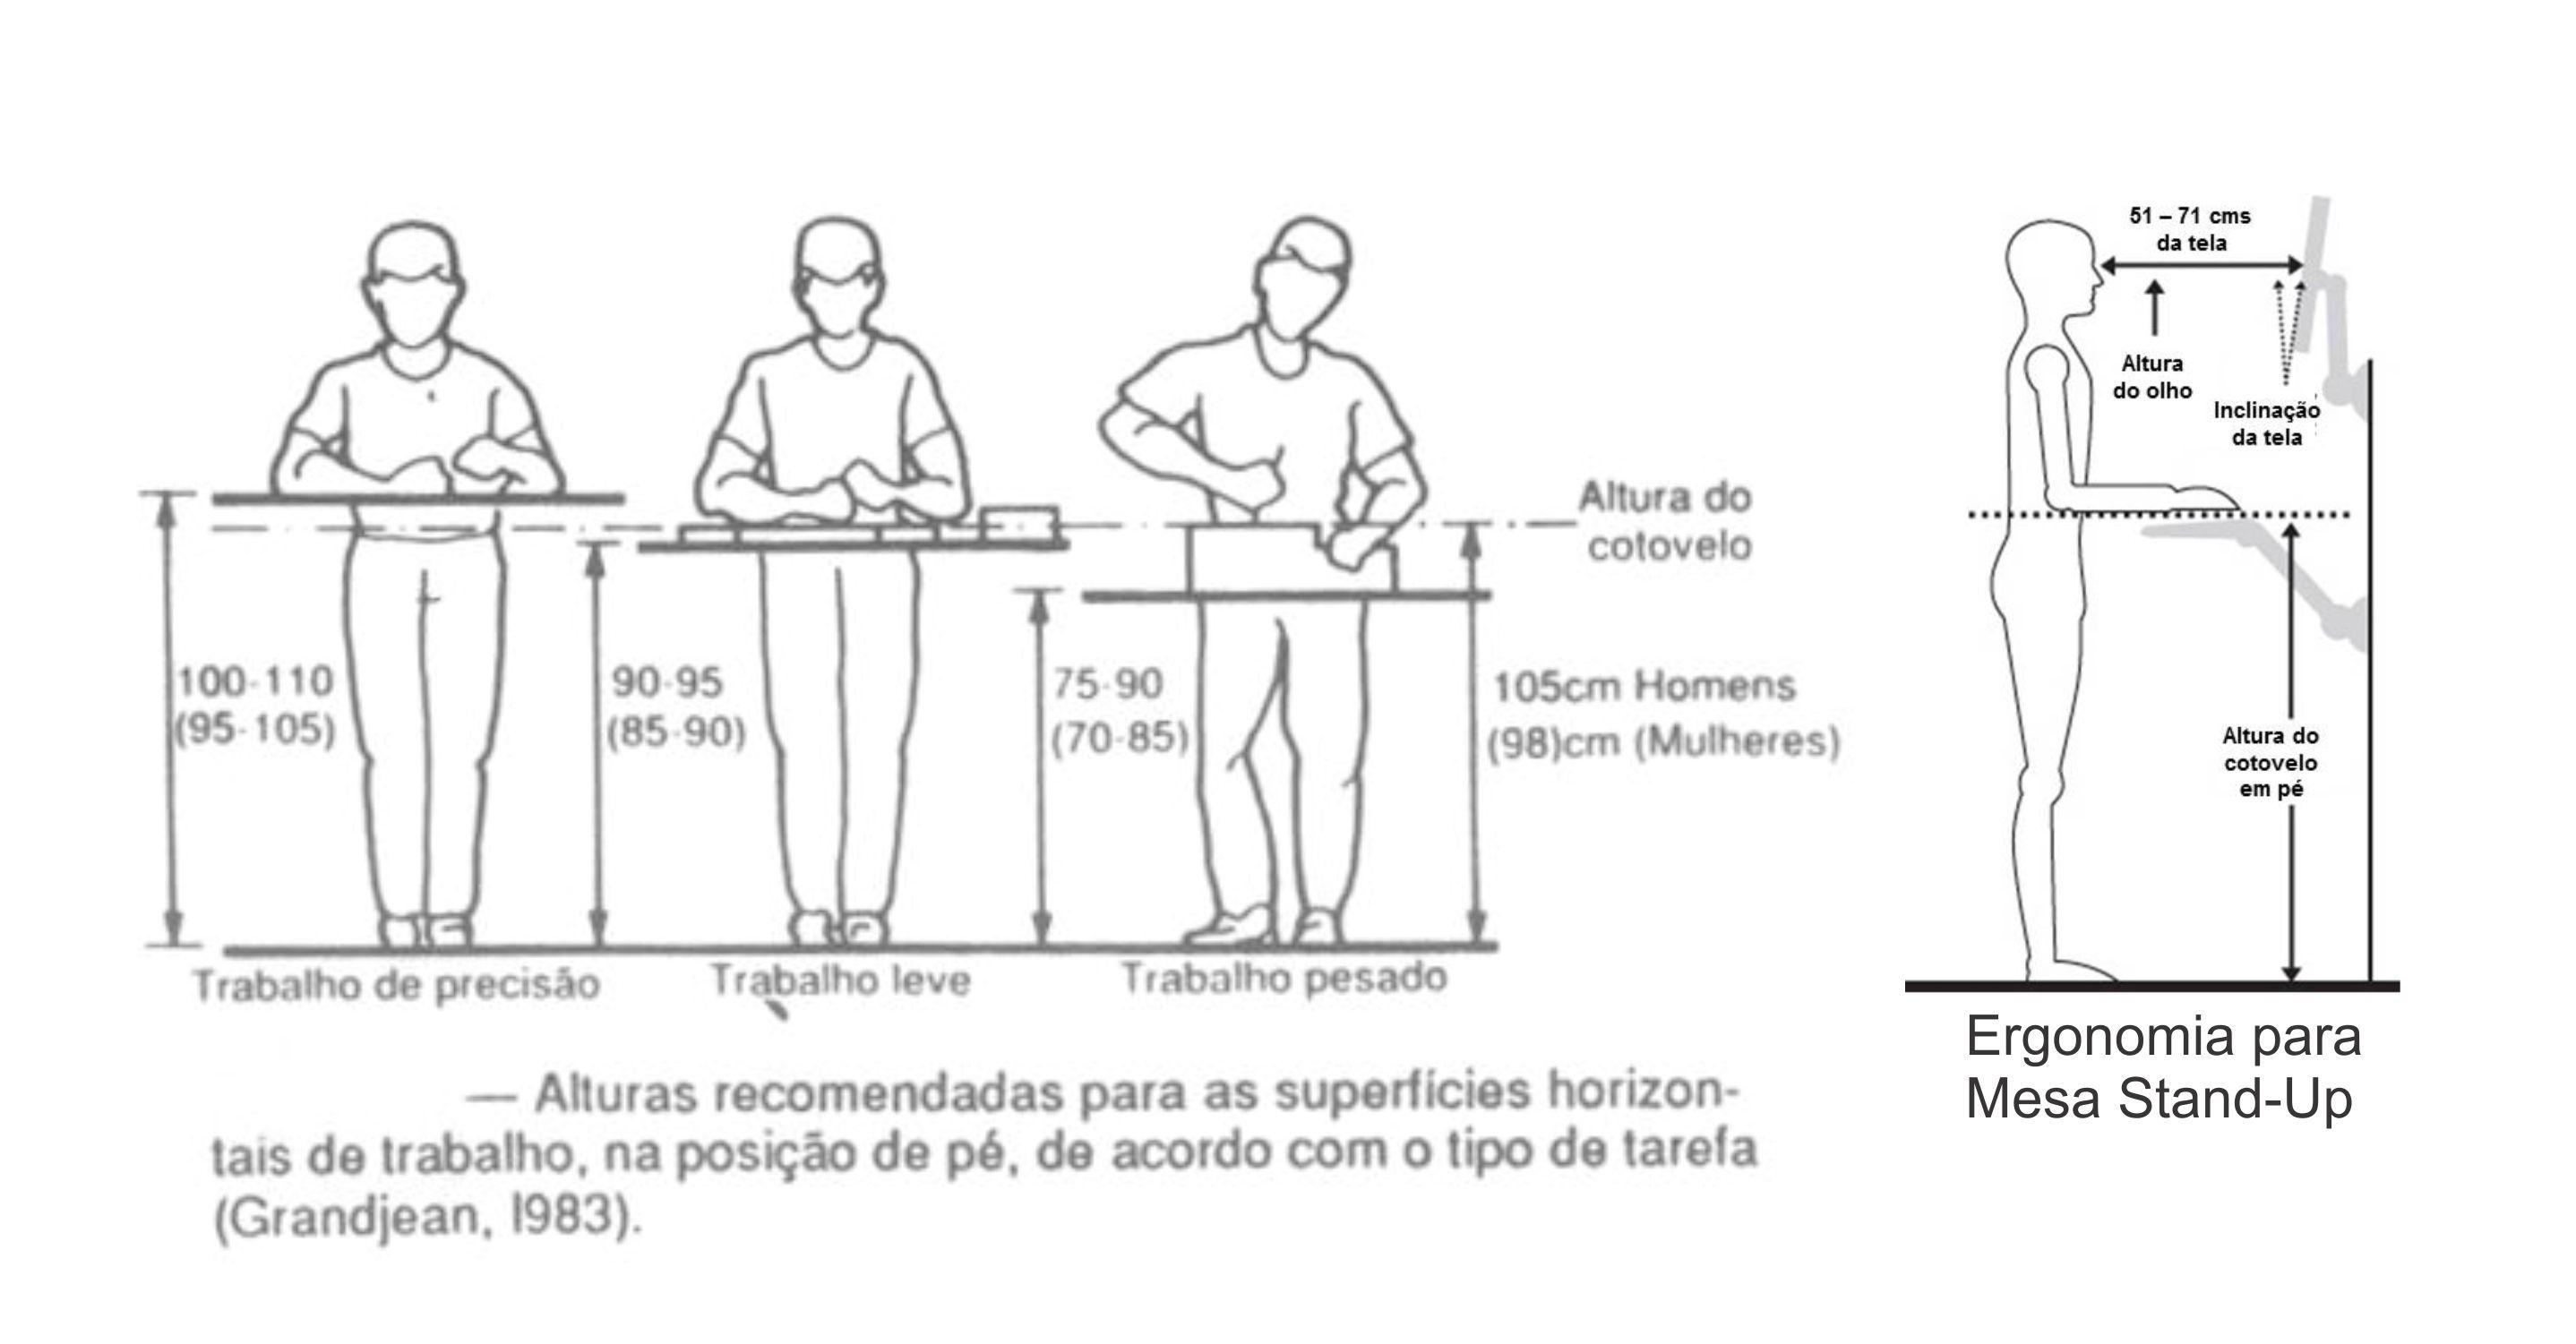 Alturas Recomendadas Para Superficies Horizontais De Trabalho